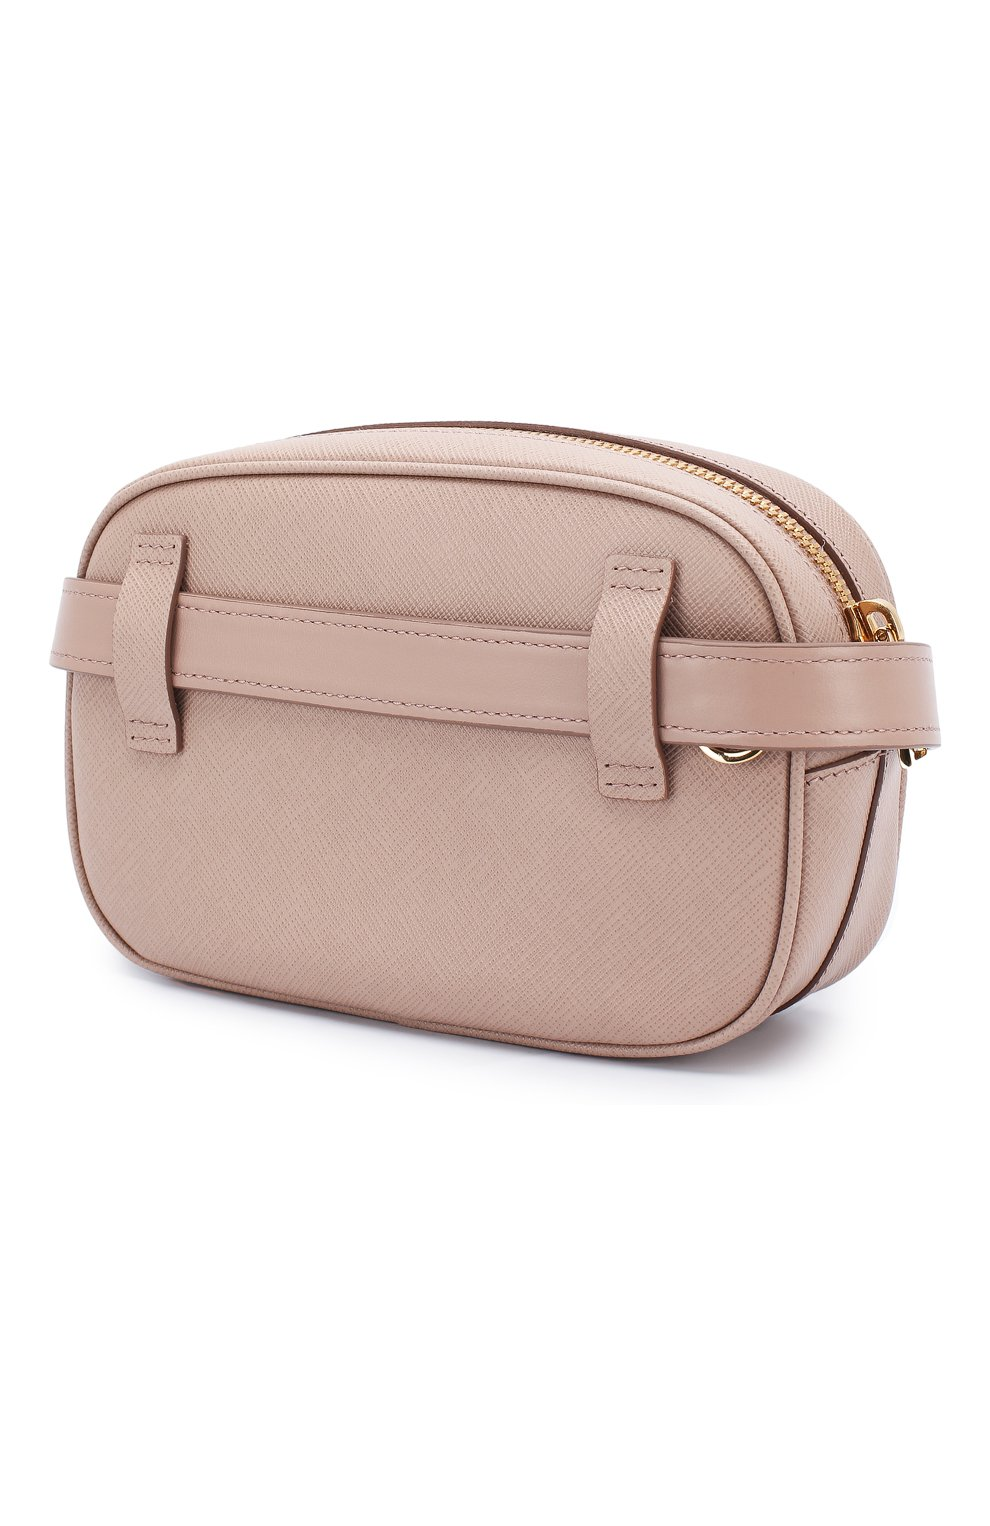 dfcb312c18c8 Женская бежевая поясная сумка saffiano PRADA — купить за 68000 руб ...